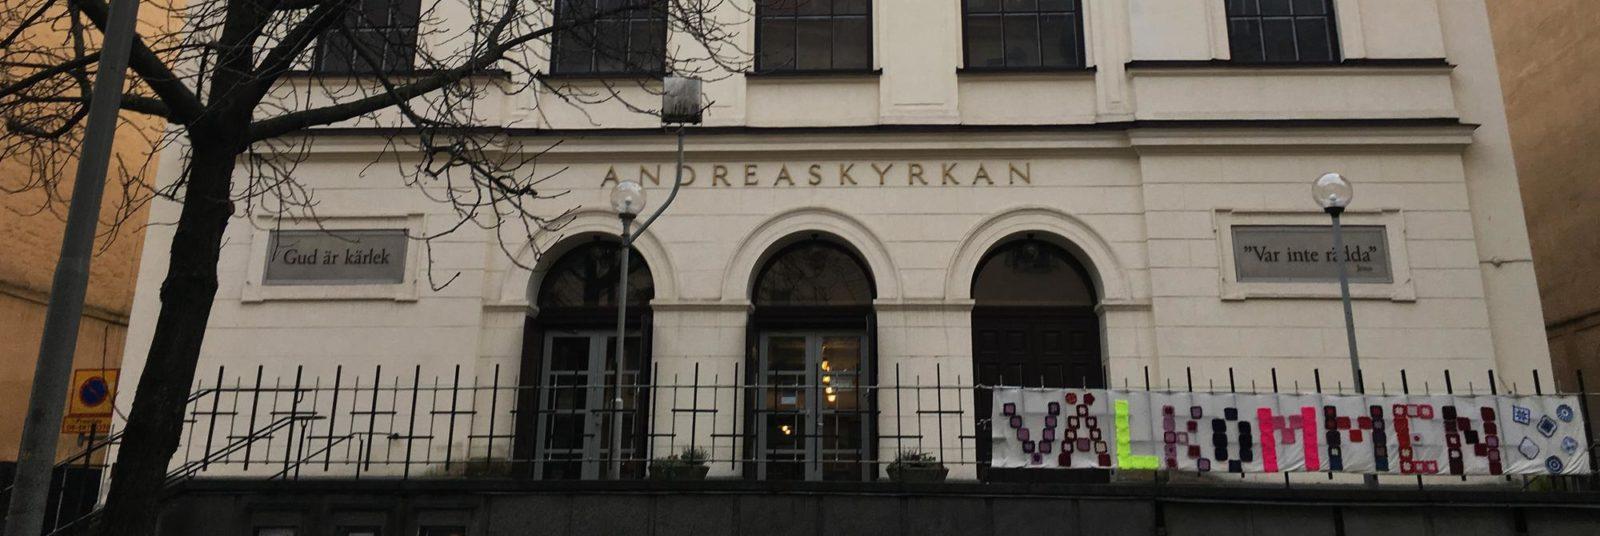 Andreaskyrkan i Stockholm